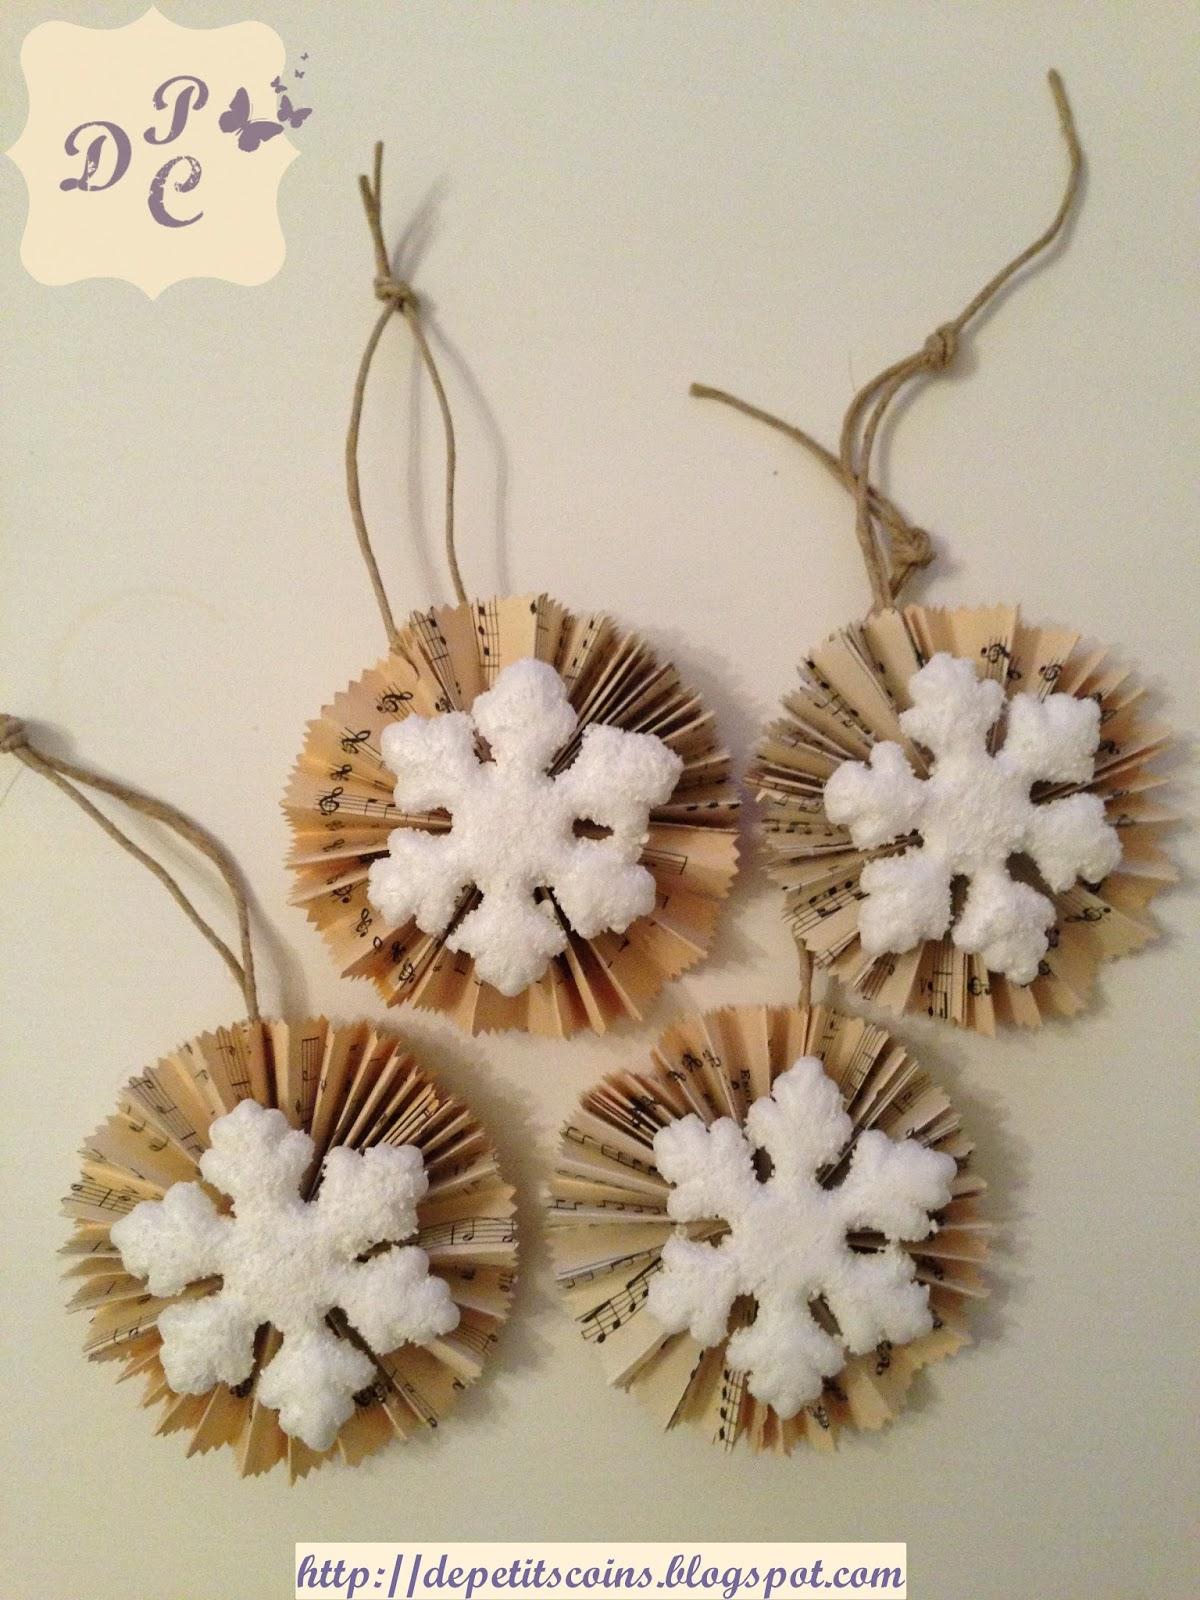 De petits coins decorazioni natalizie con spartito musicale - Decorazioni natalizie legno fai da te ...